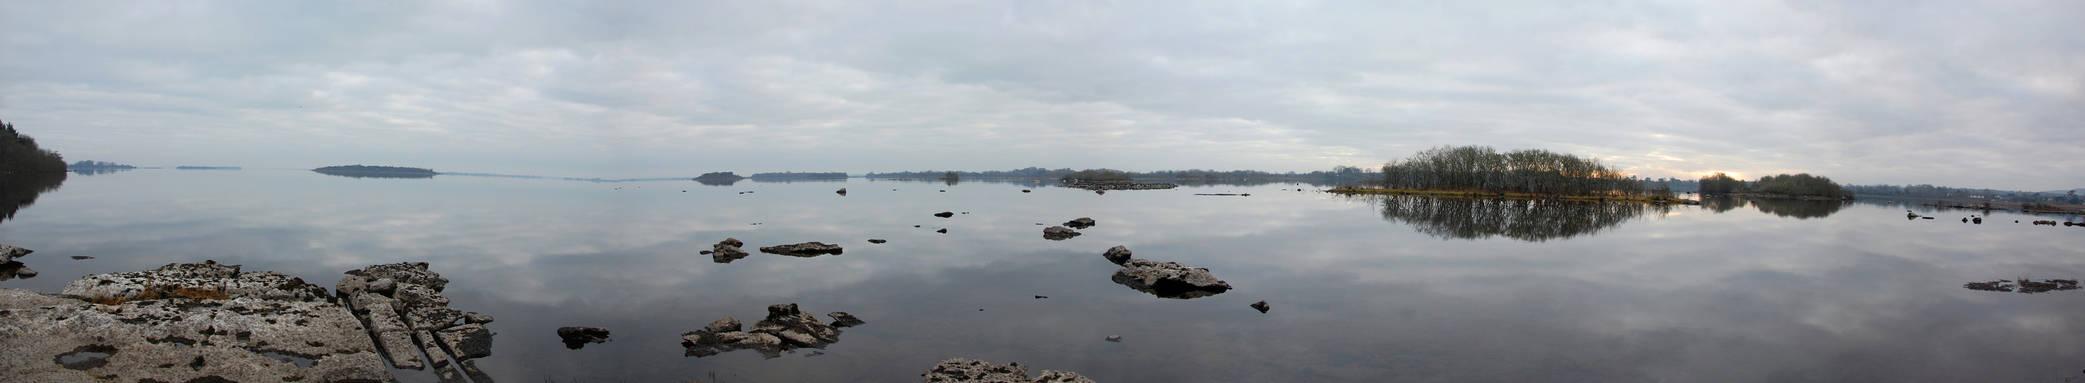 Lough Corrib Panorama